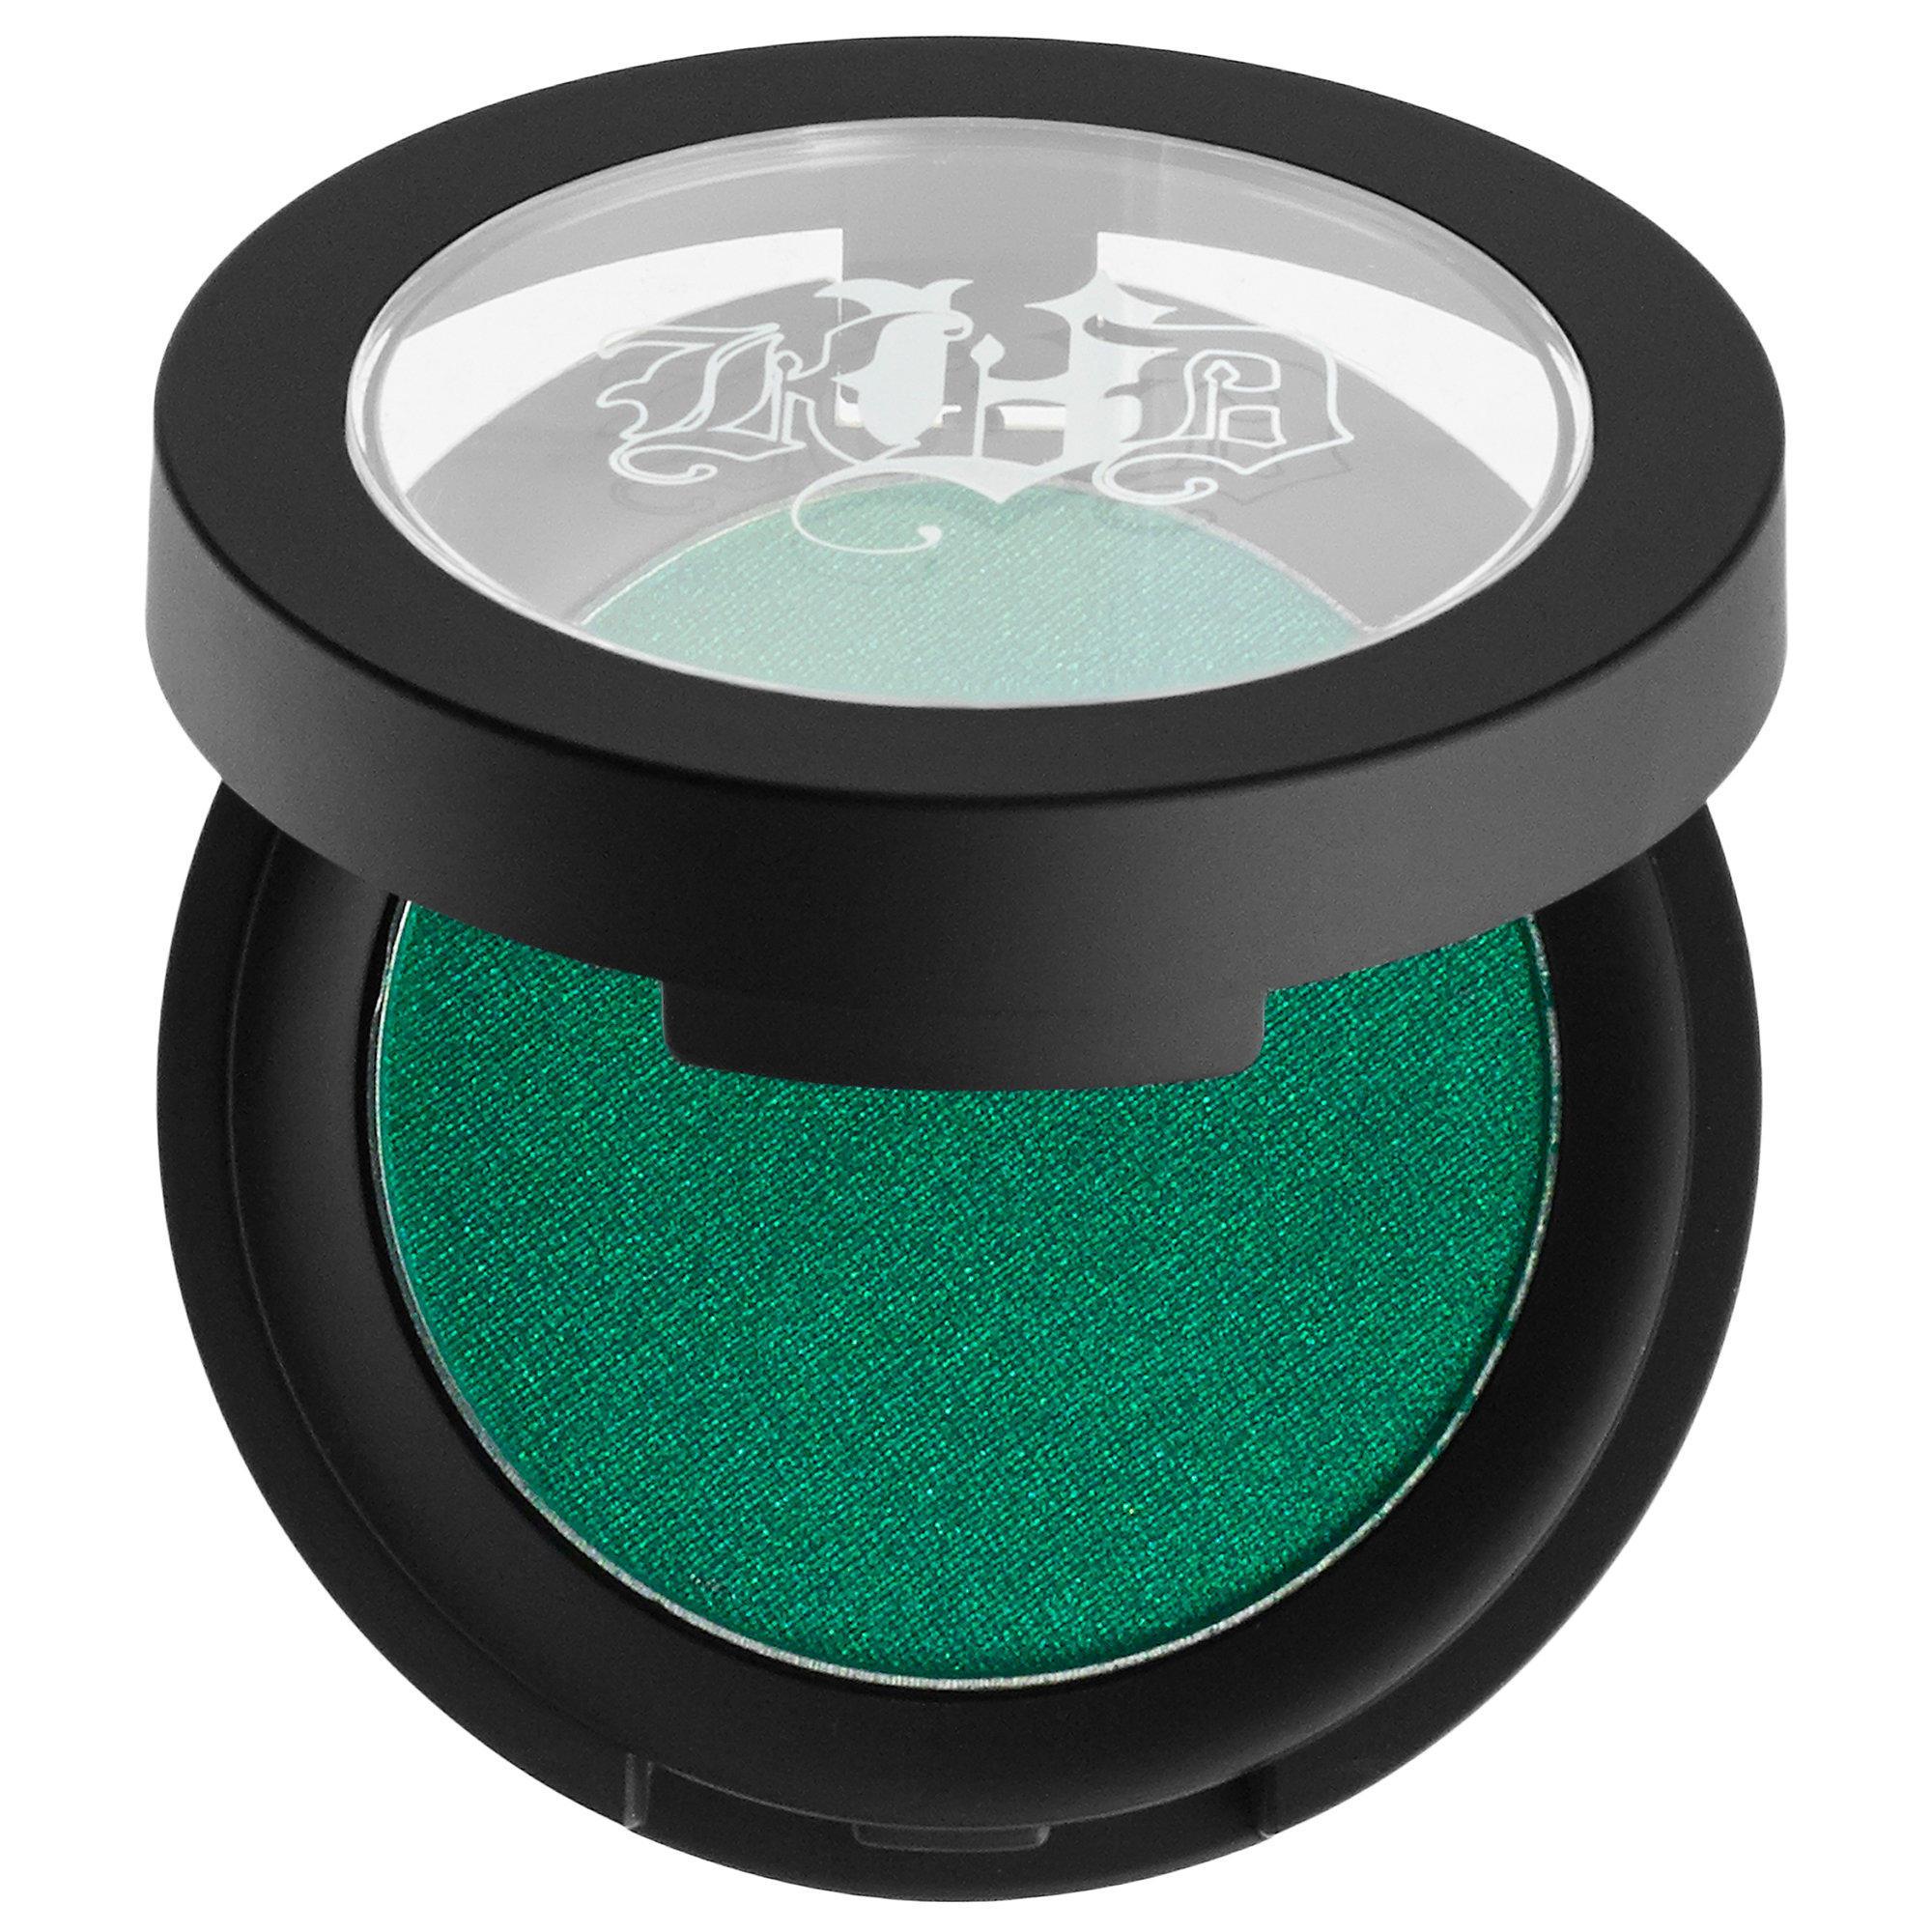 Kat Von D Metal Crush Eyeshadow Iggy